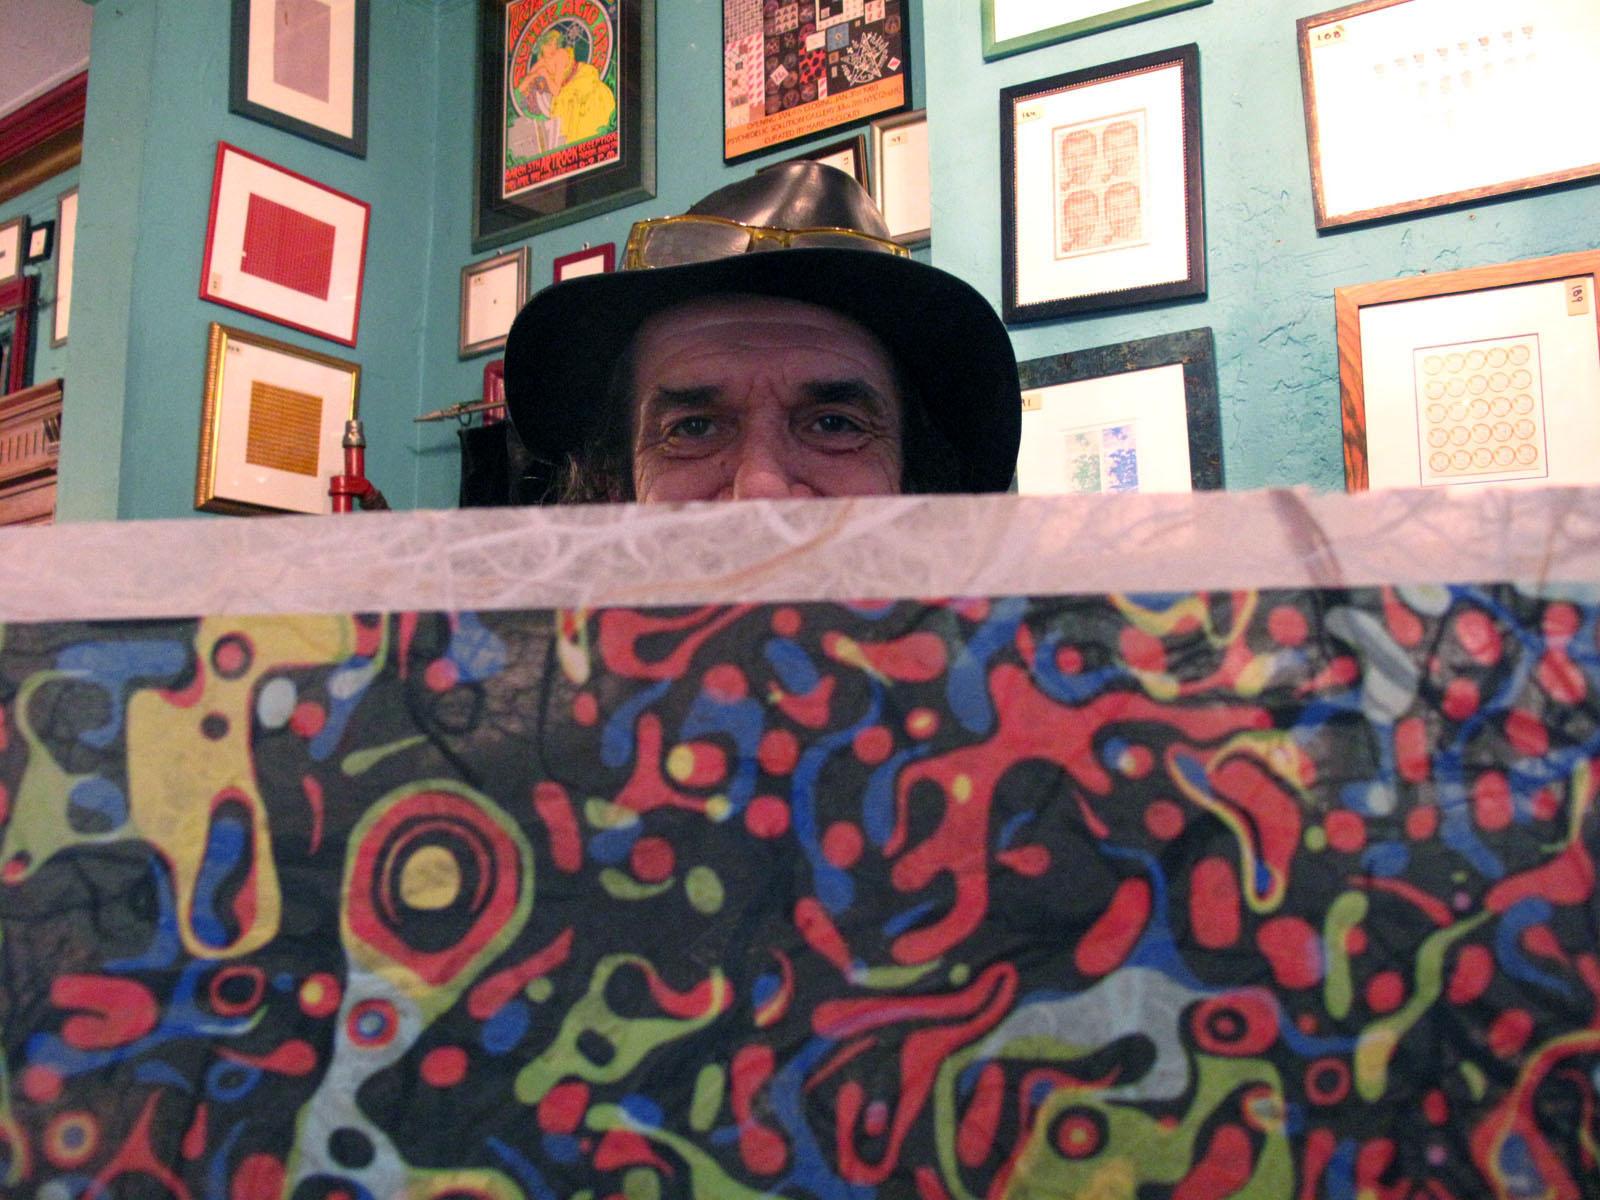 LSD Museum or Institute of Illegal Images?